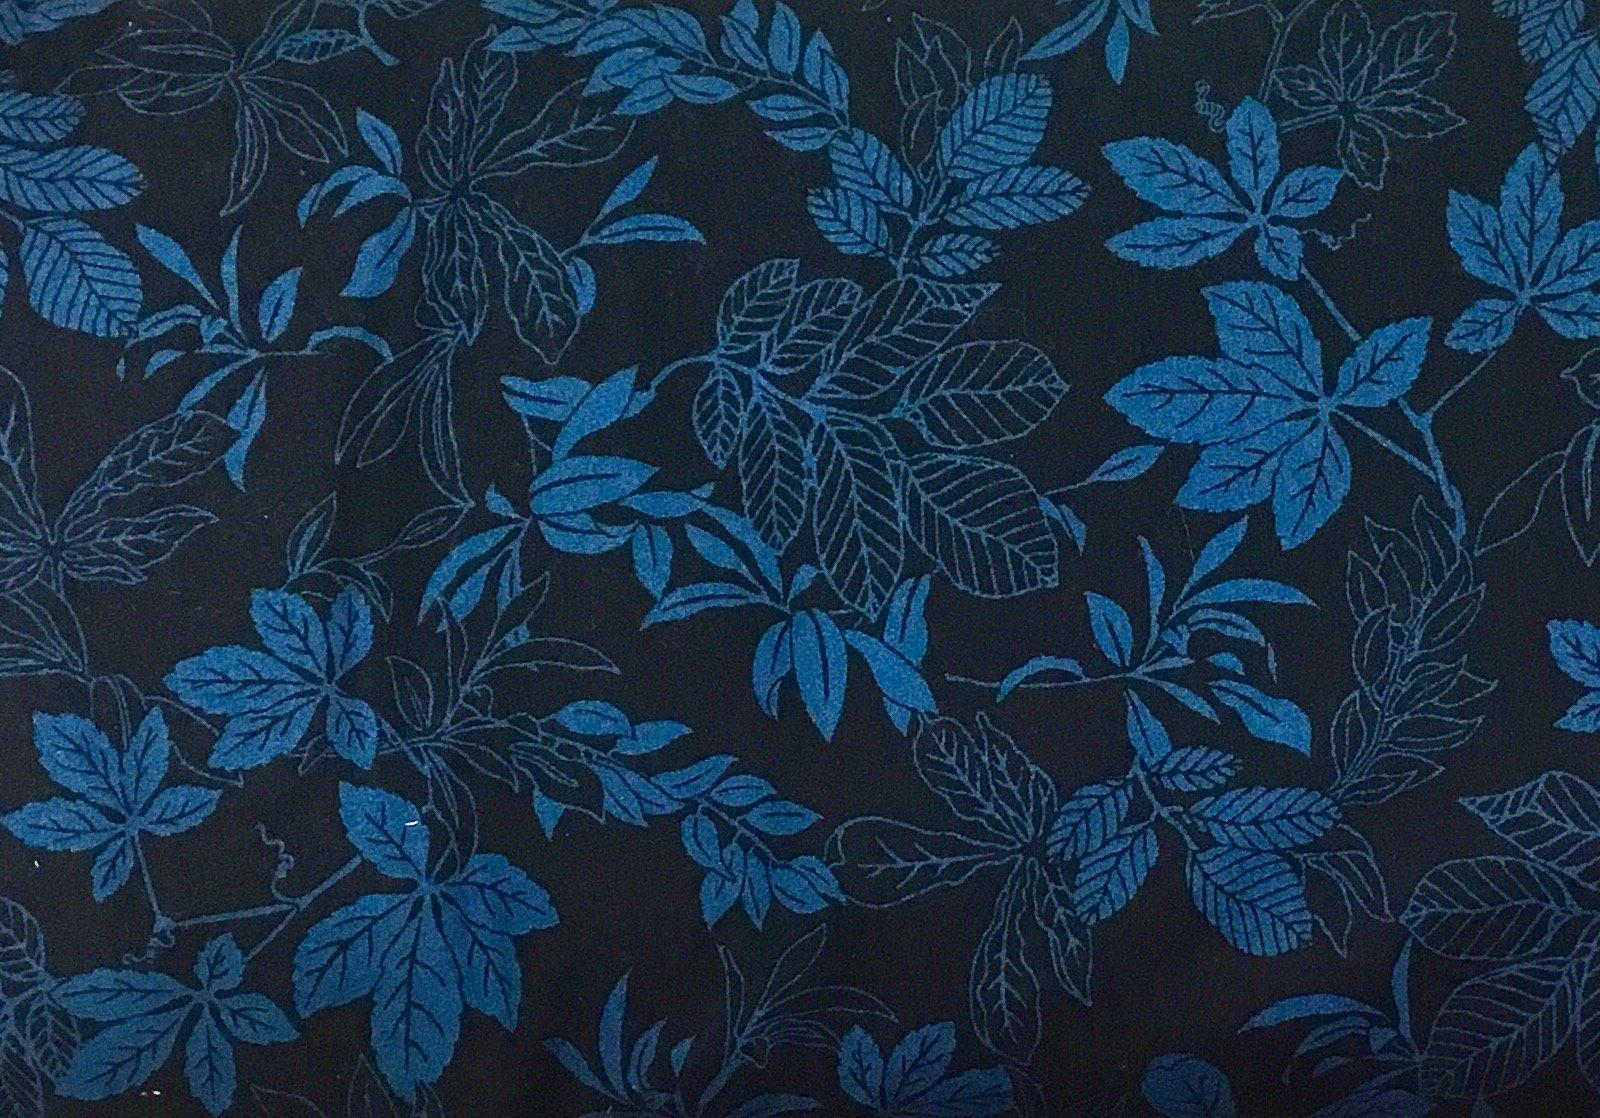 108 Modern Leaf Quilt Backing - Dk Blue